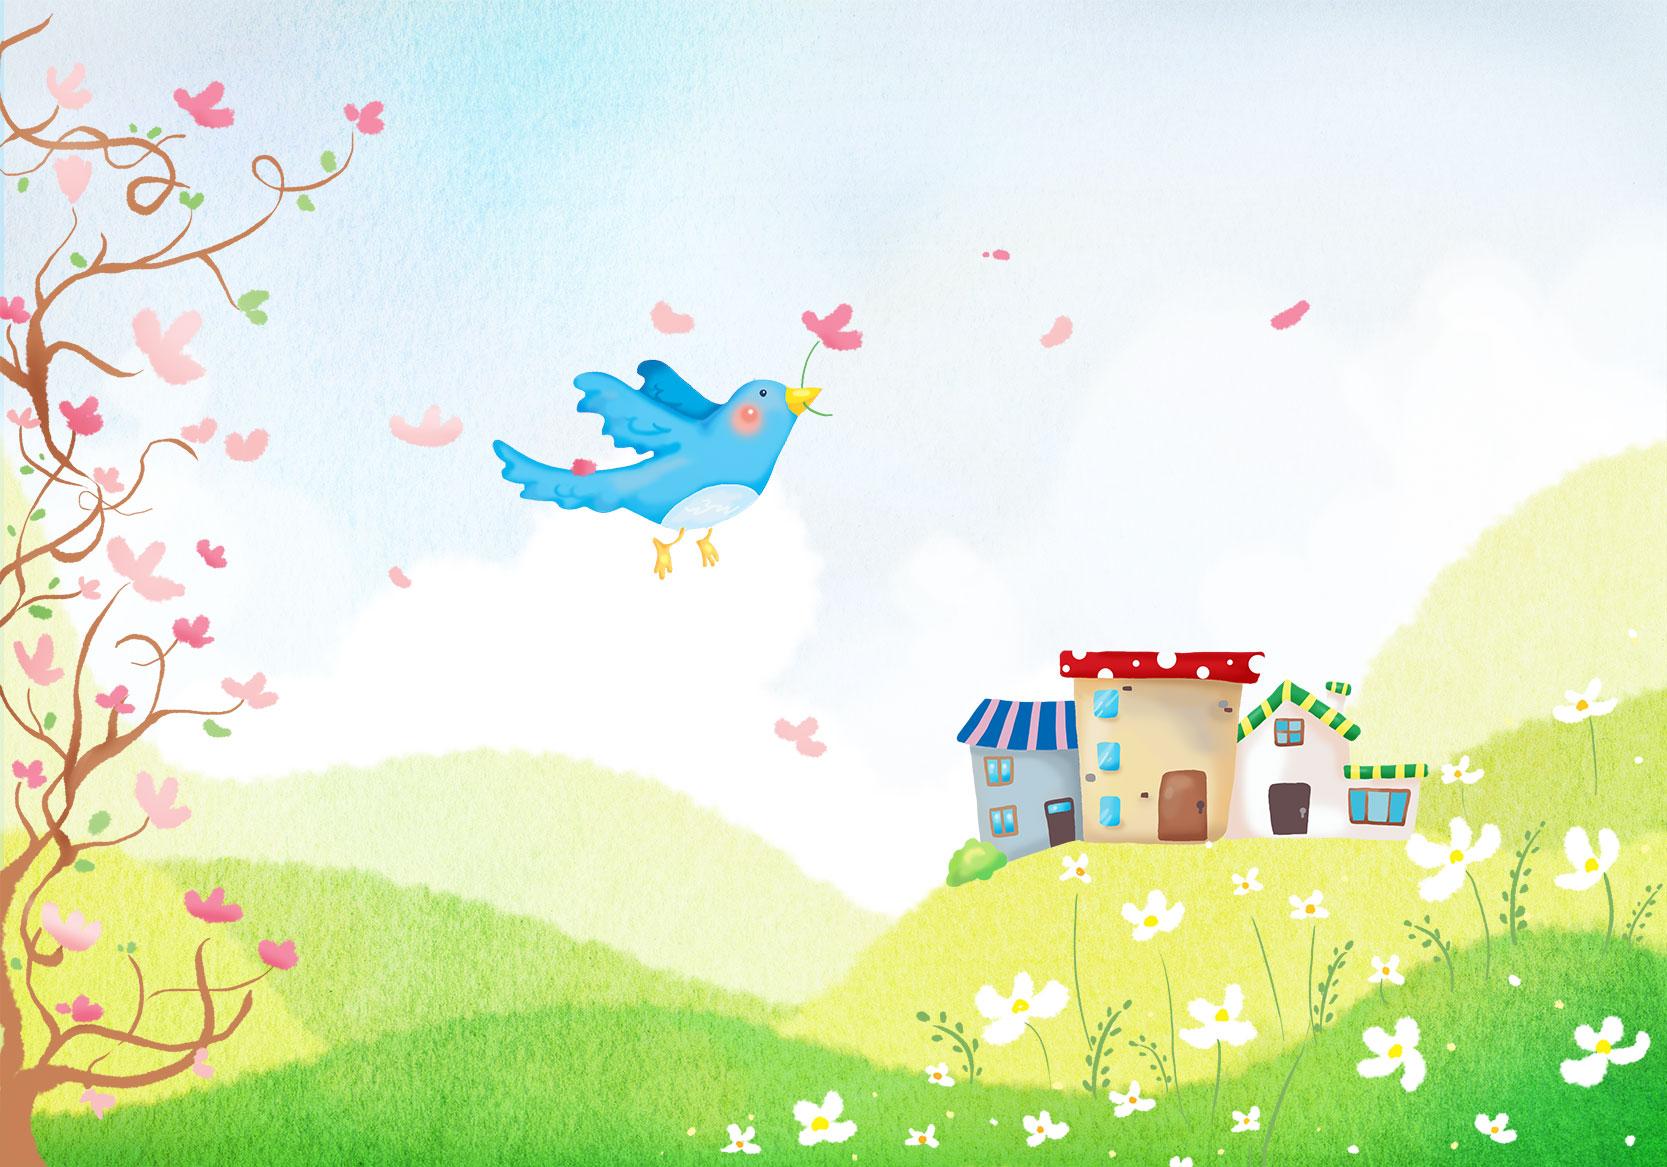 春の画像サンプル-春の草原 春のイラストNo.118『春の草原』/無料のフリー素材集【花鳥風月】